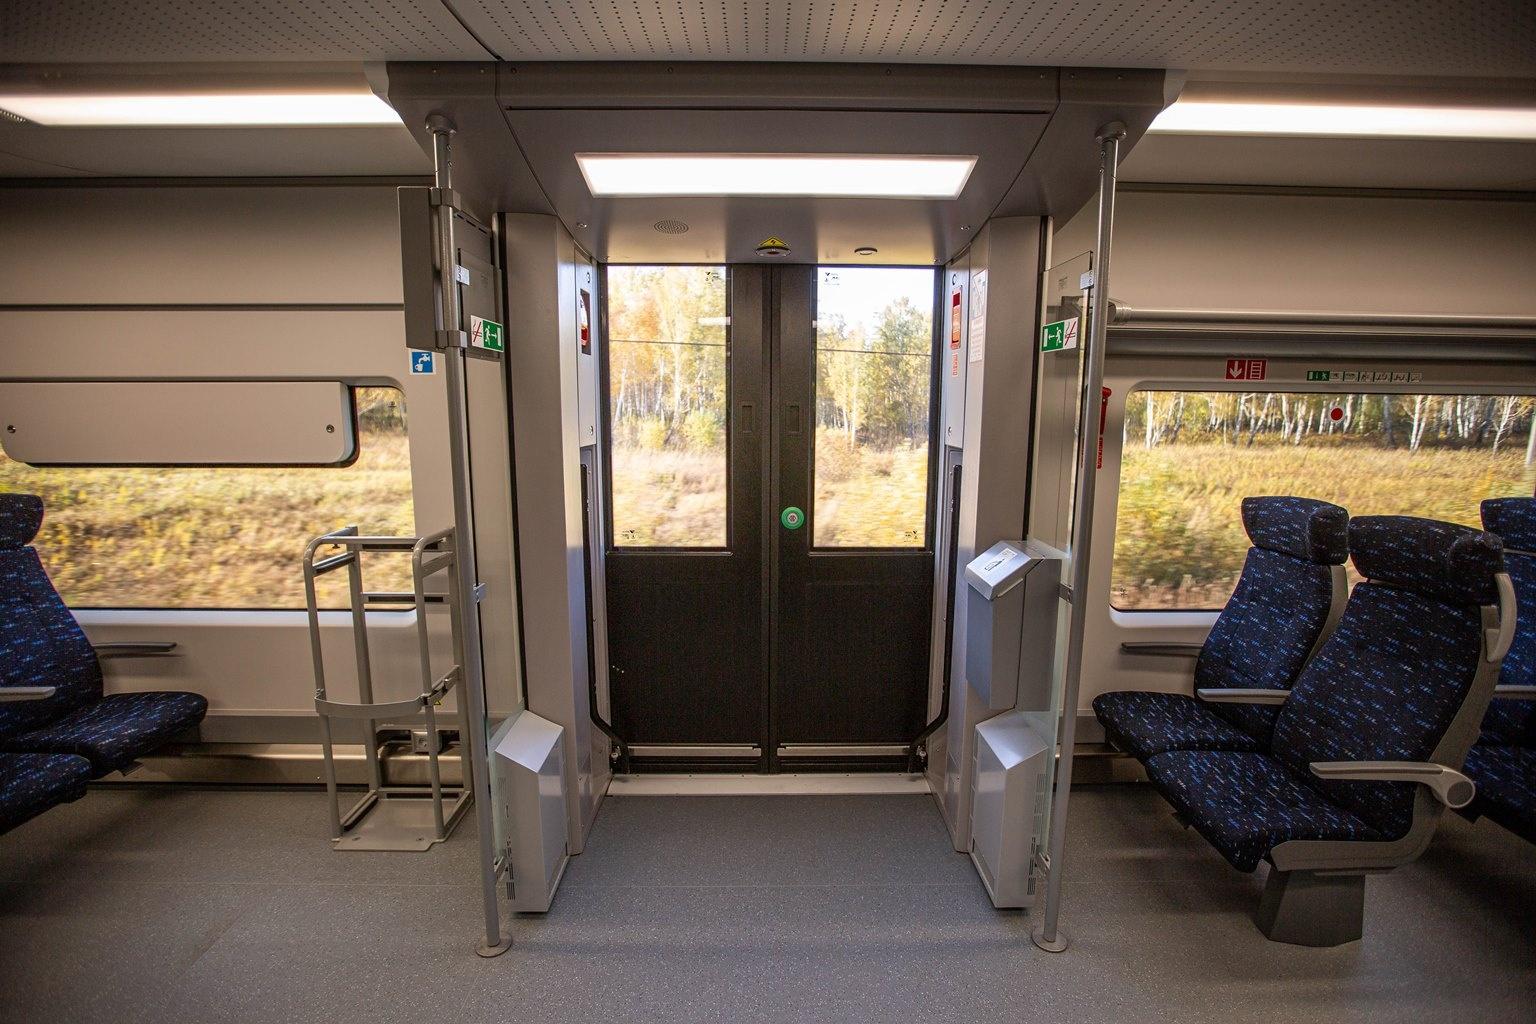 Вход в вагон напоминает вход в обычный автобус. Зимой, по словам экспертов, чтобы пассажиры не мёрзли на стоянках, при открывании дверей будут включать несколько мощных кондиционеров. У входа поставили небольшие урны